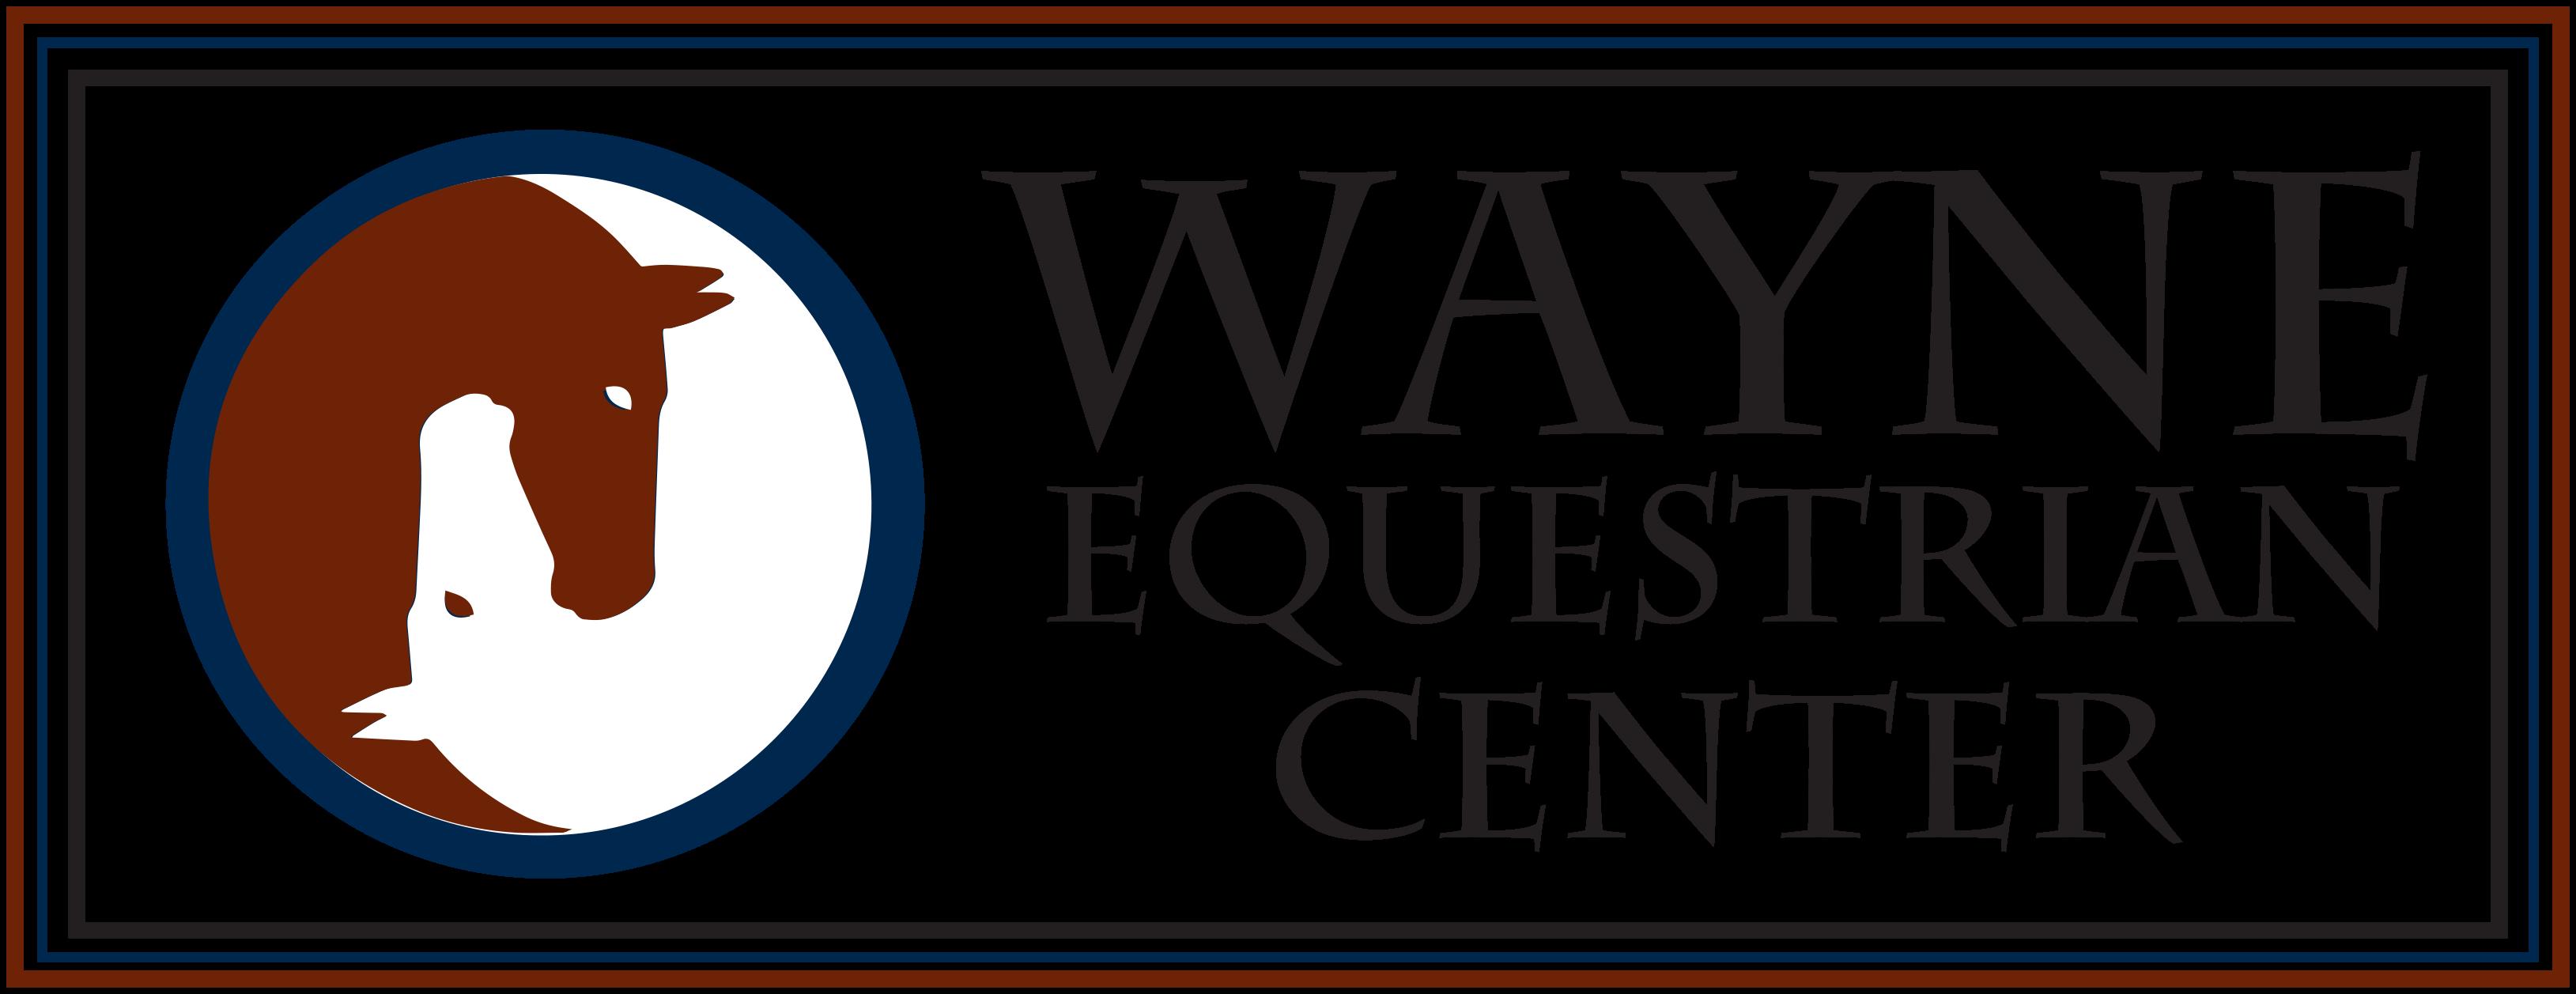 Home Wayne Equestrian Center